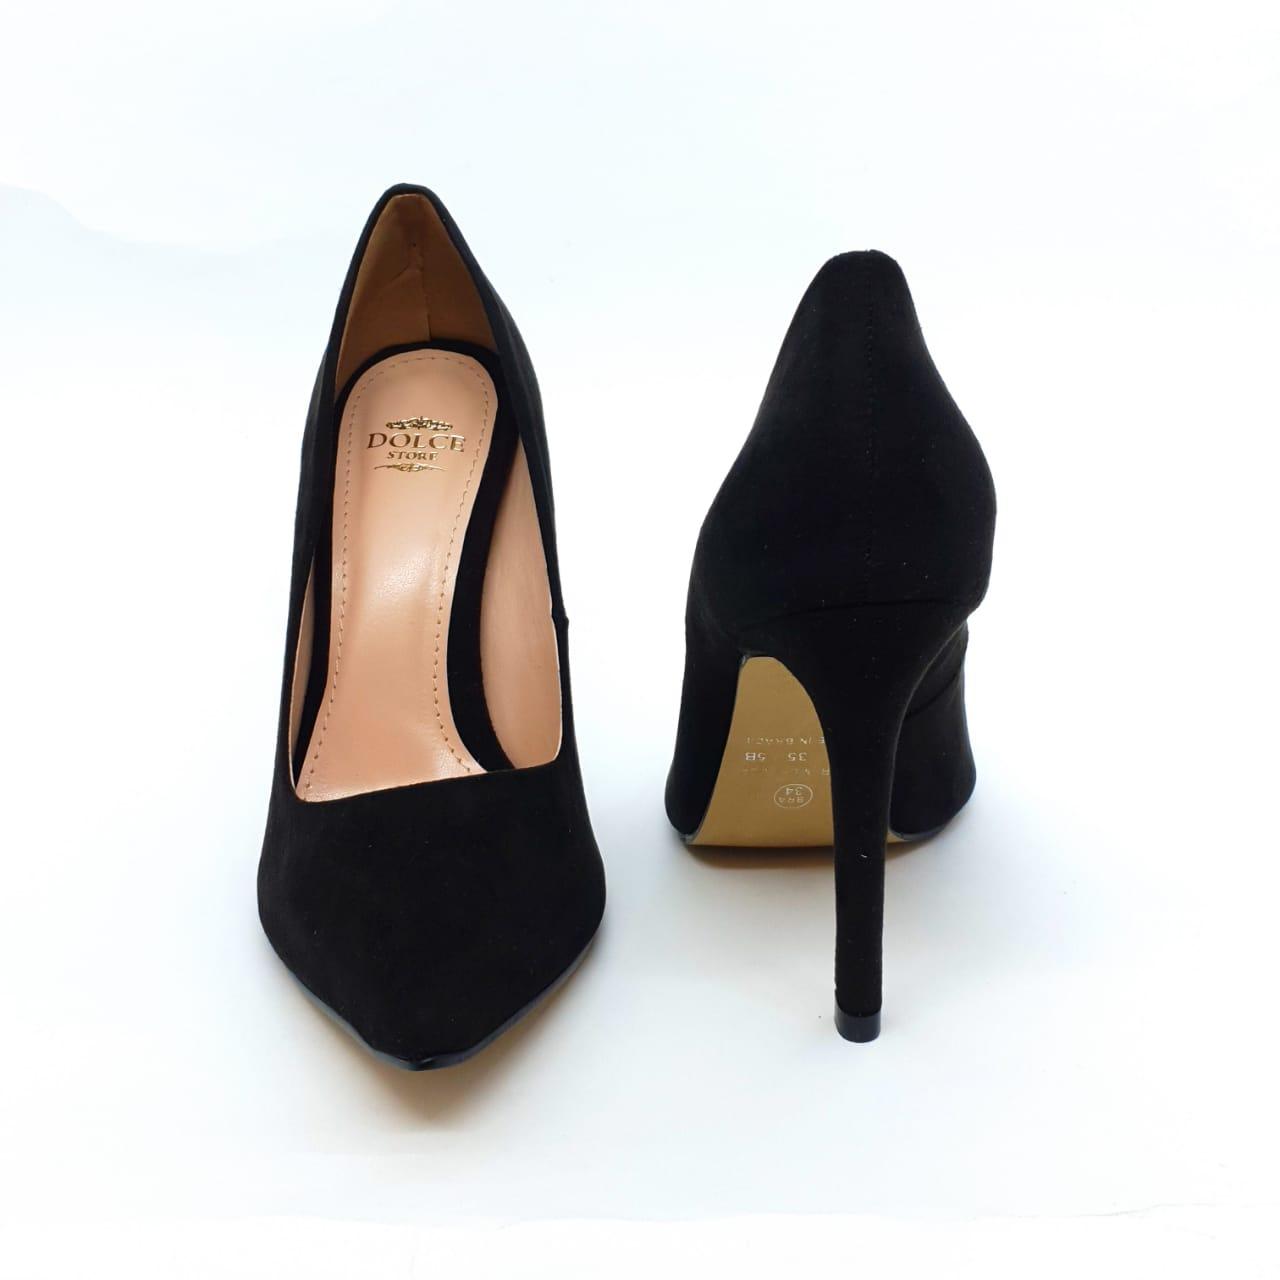 Sapato Scarpin preto salto 11cm